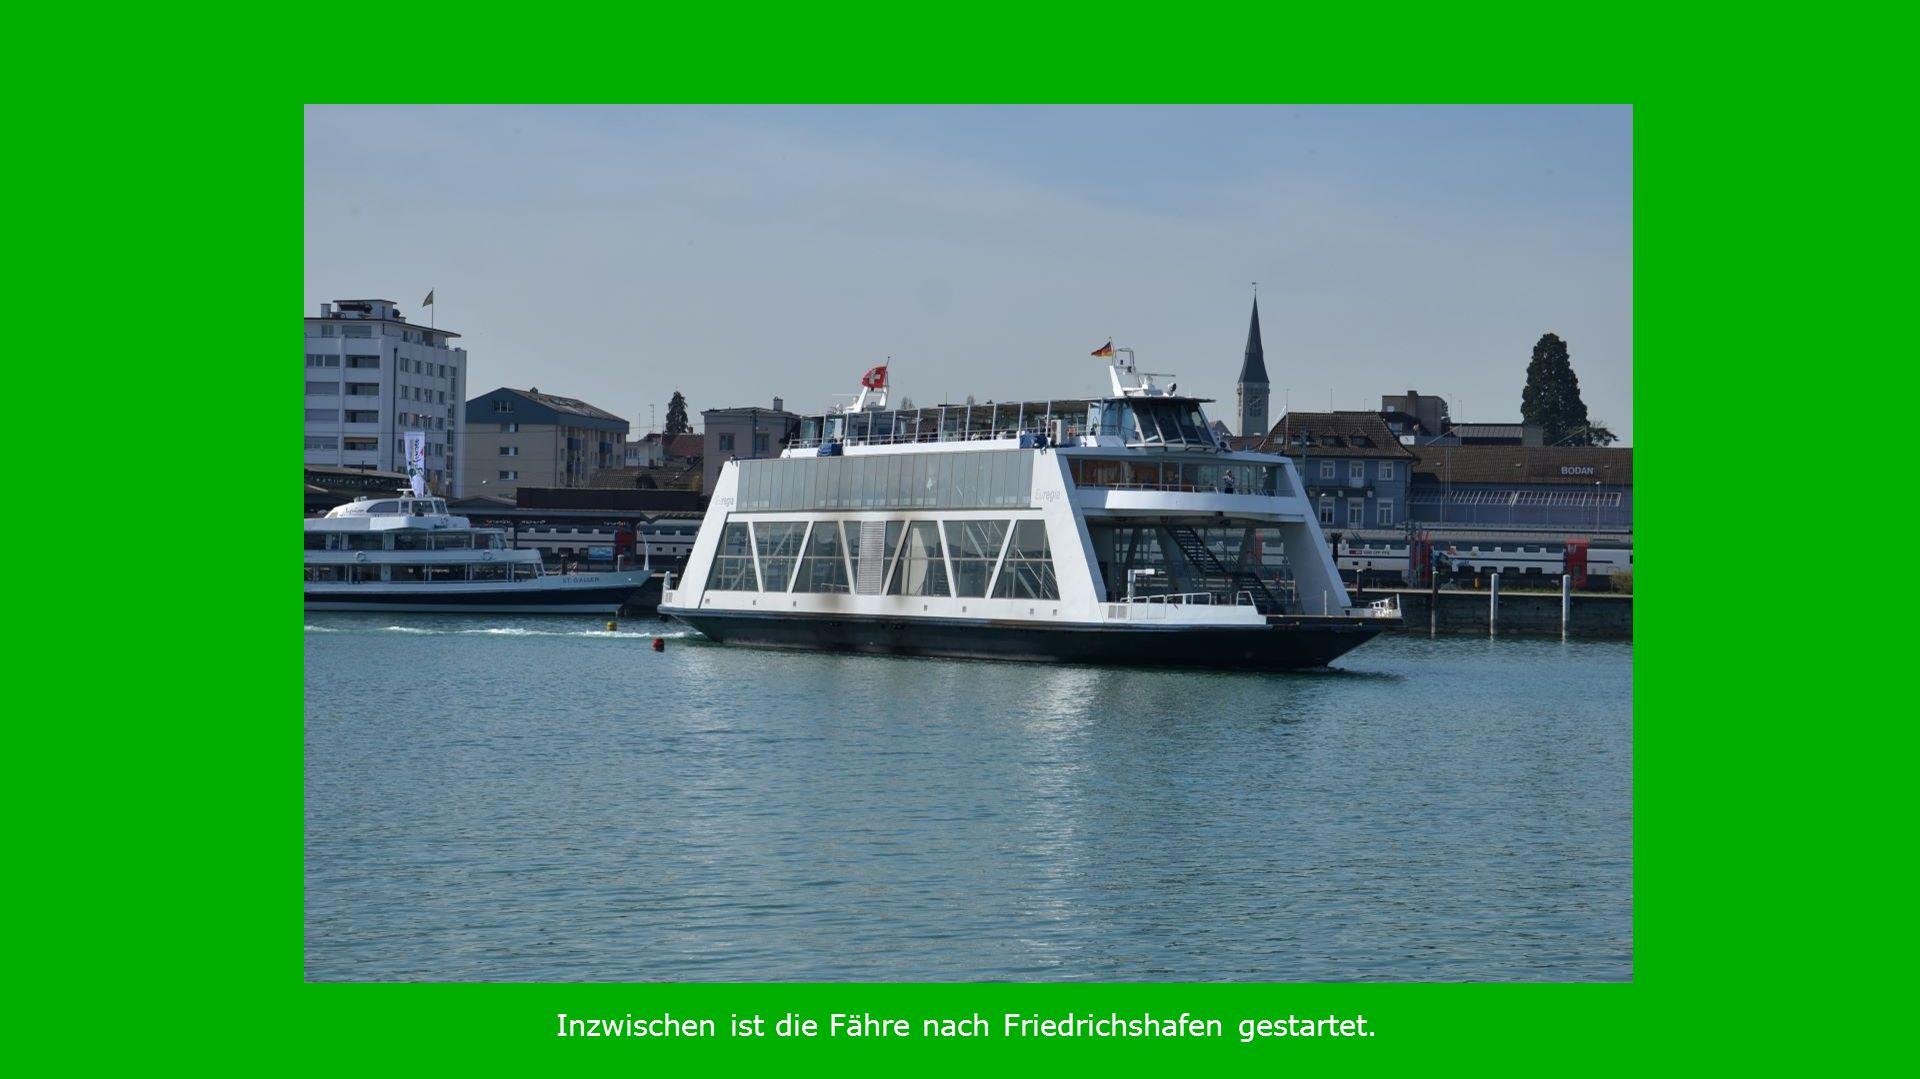 Inzwischen ist die Fähre nach Friedrichshafen gestartet.